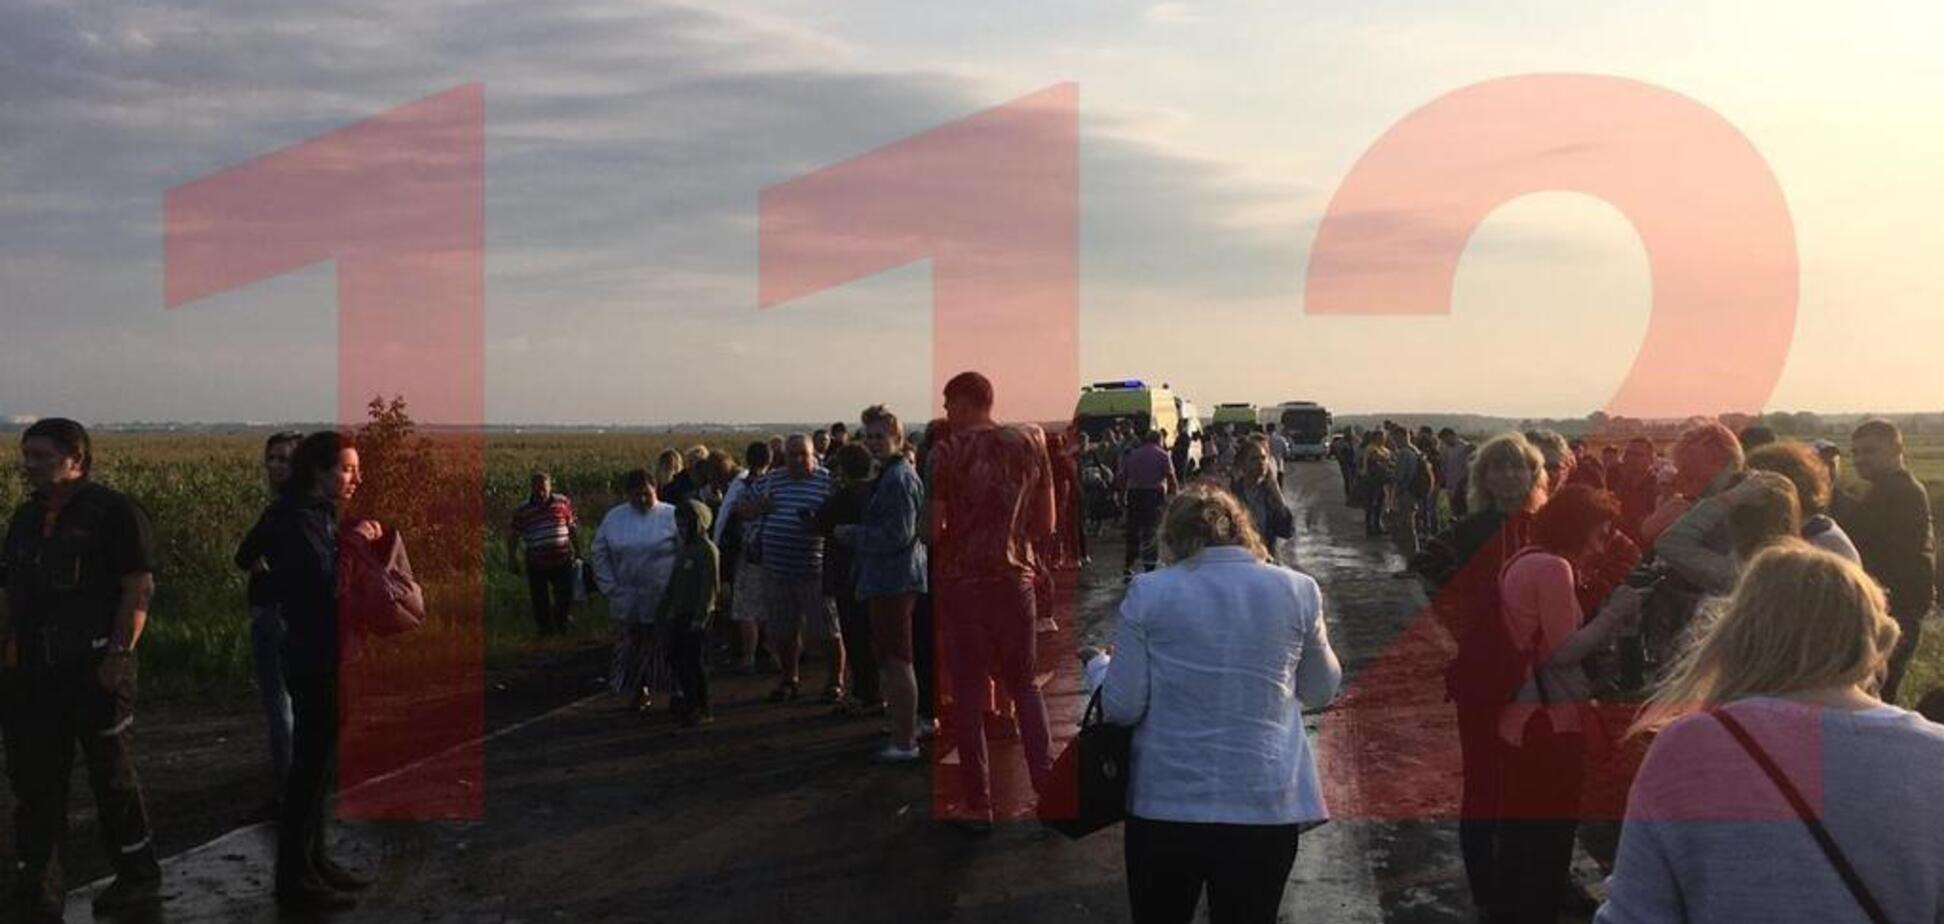 Летевший в Крым самолет загорелся и сел среди поля: десятки пострадавших